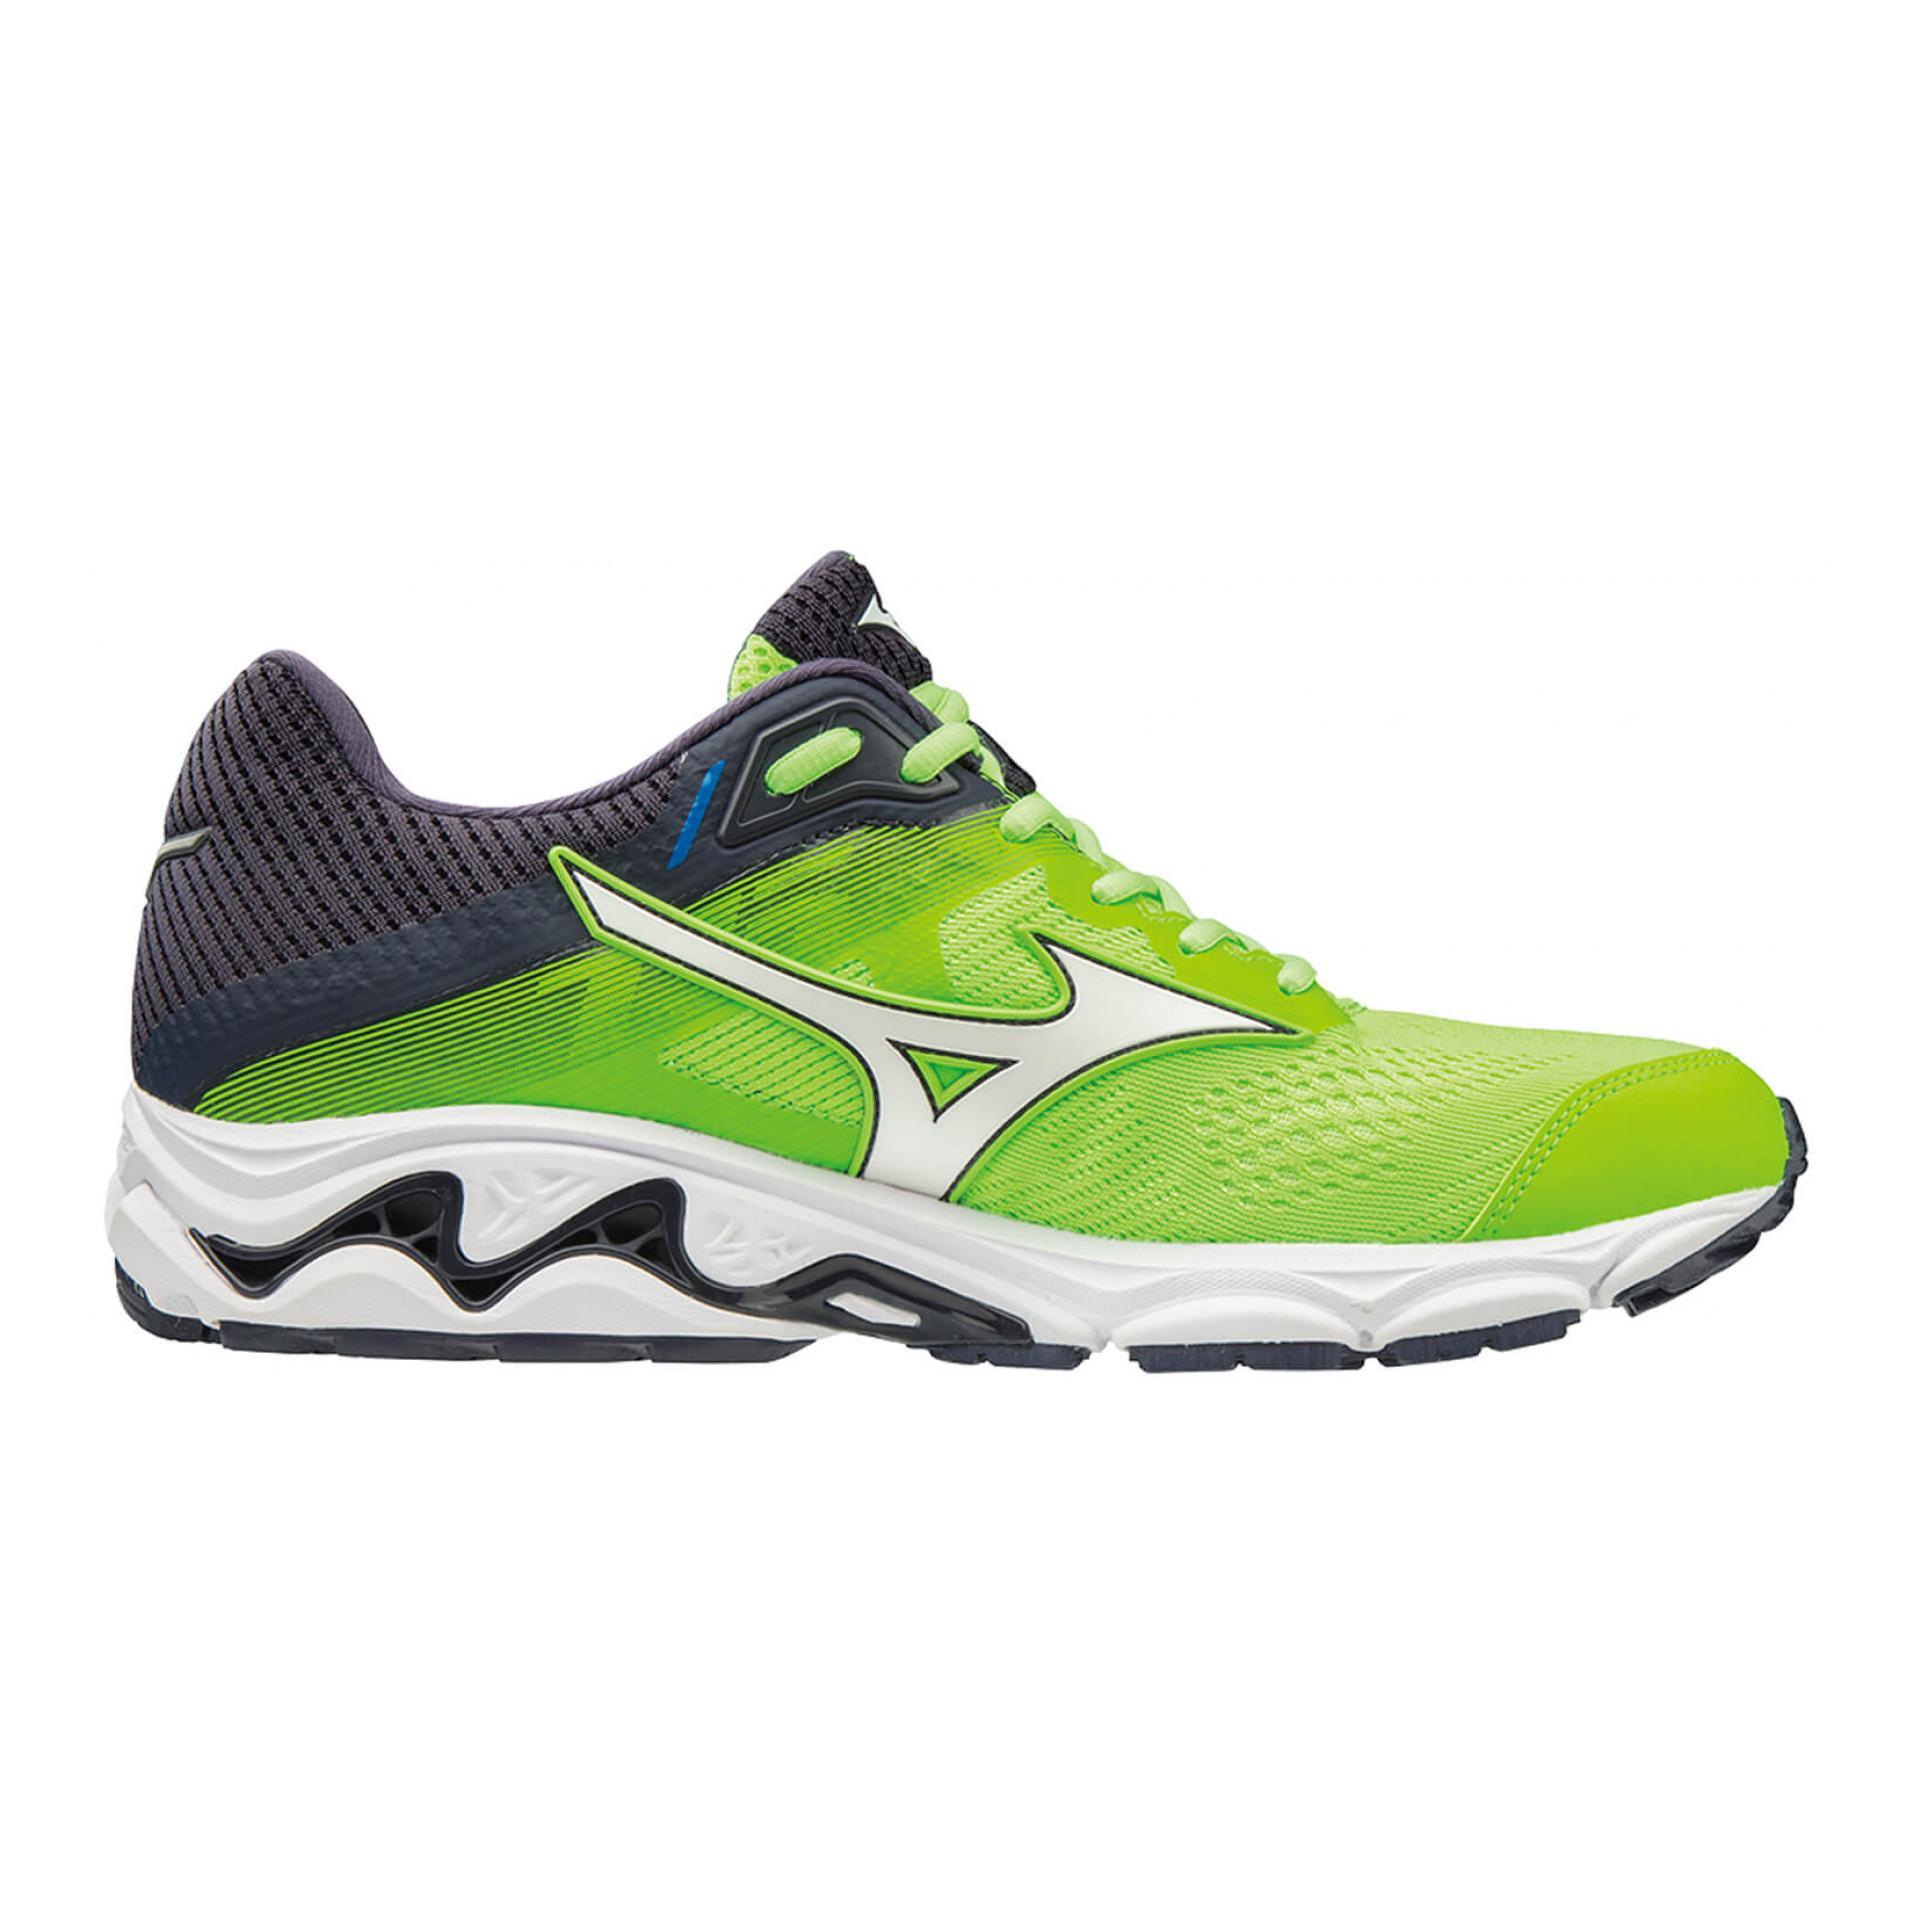 mizuno running shoes overpronation zip code